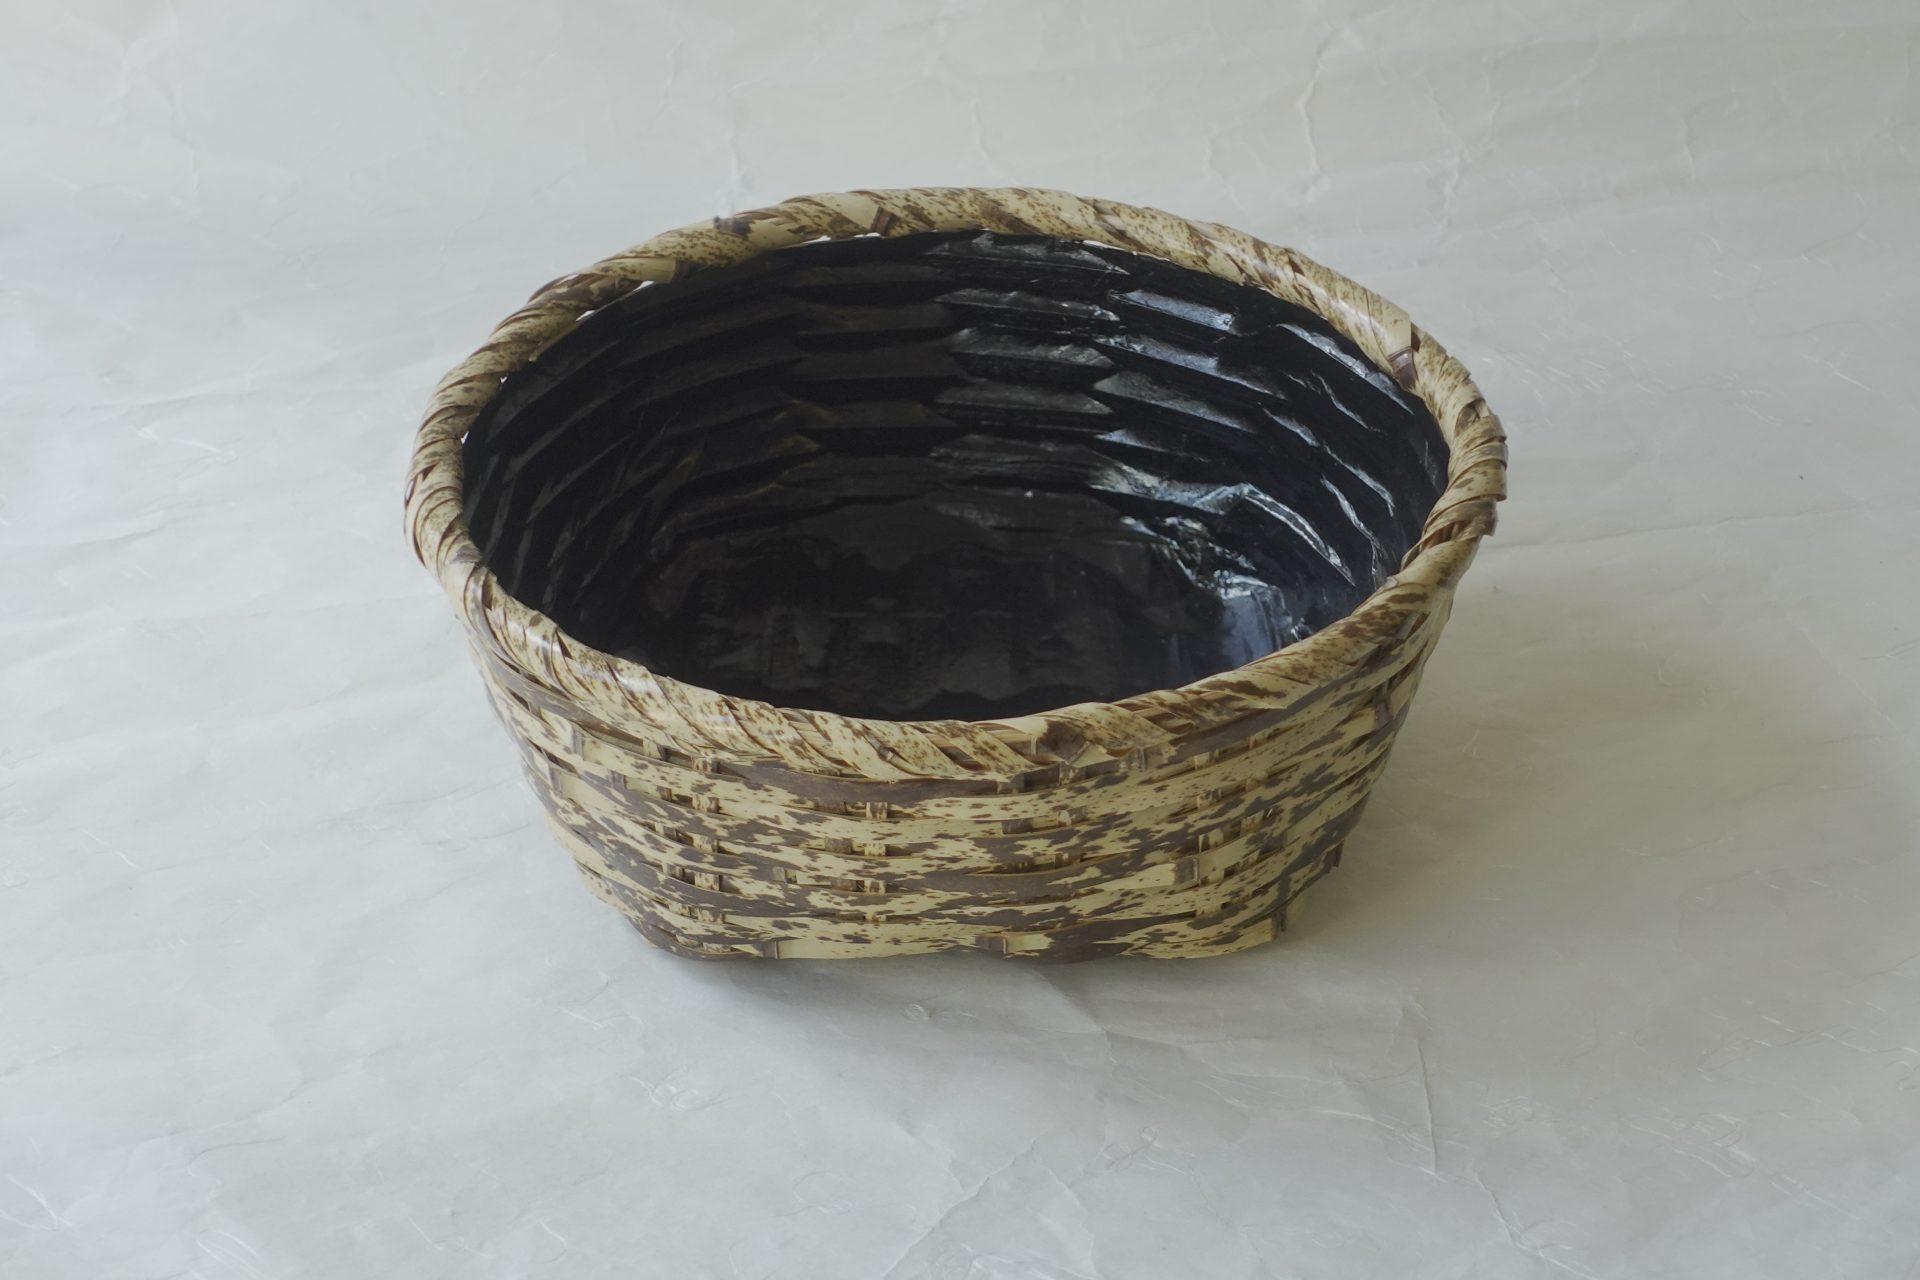 茶道具 茶の湯 茶道 日本製 風炉用 炭斗 炭点前 さざえ篭 海女 サザエ籠 由来